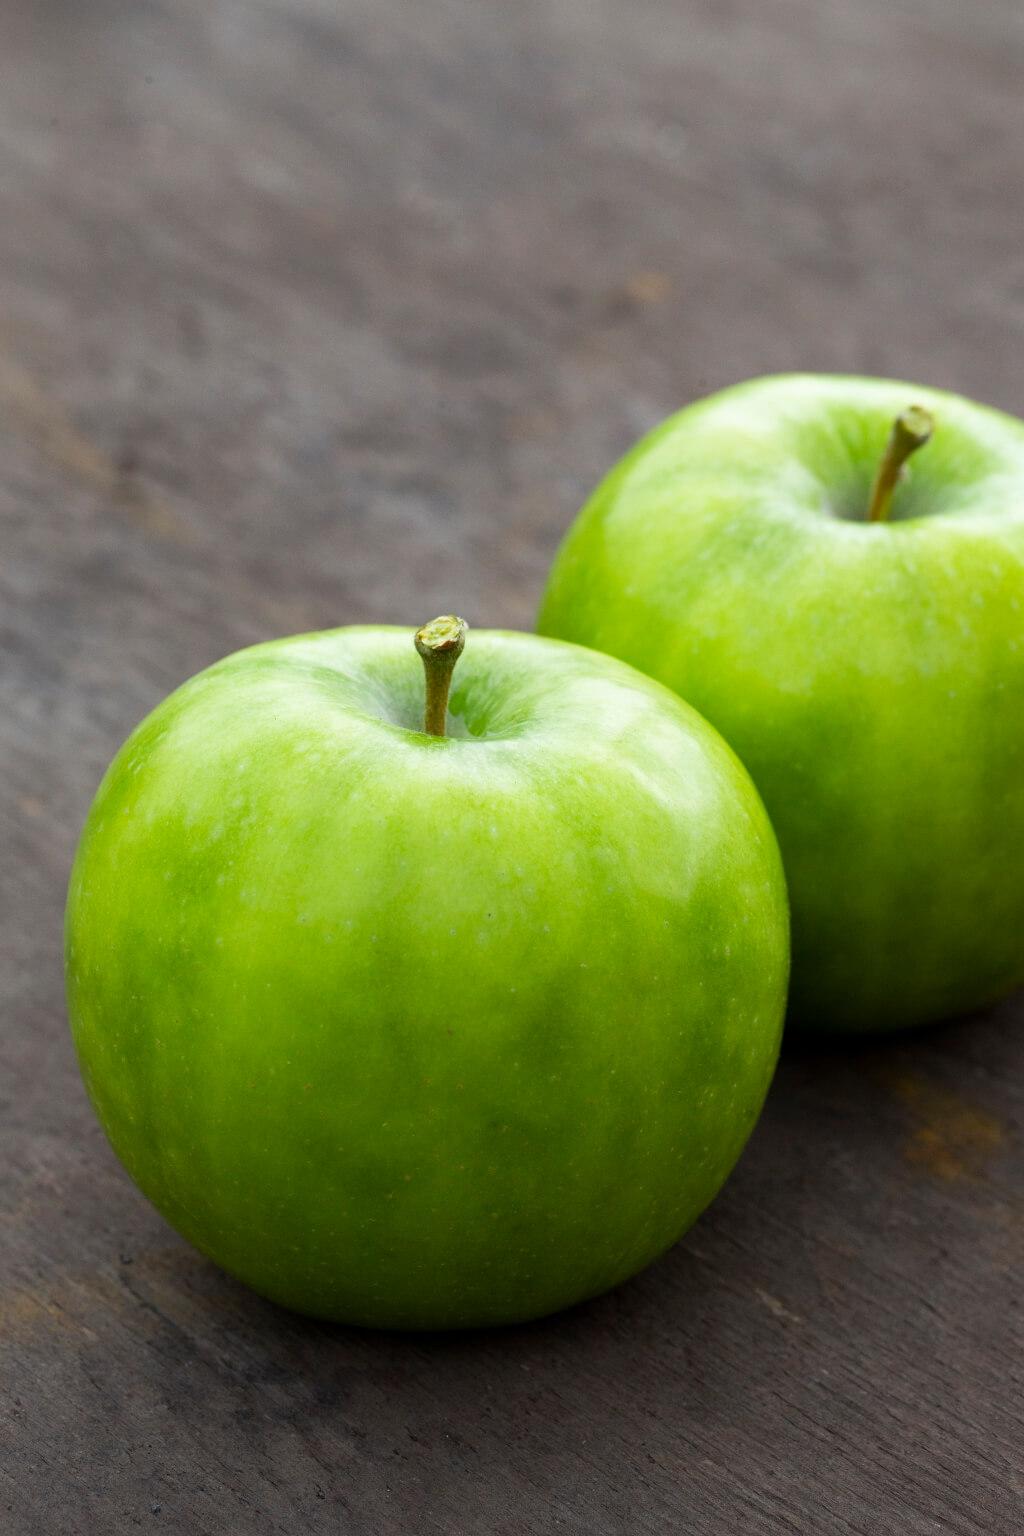 表面翠綠色的是新品種初戀Green,其 味道相對一般紅皮或黃皮蘋果較酸, 口感相對爽脆,可惜產量少,日本只 有少量發售,未能外銷海外。 星之金貨擁有金黃的外皮,果皮比一 般蘋果來得薄脆,一咬發出清脆的聲 音